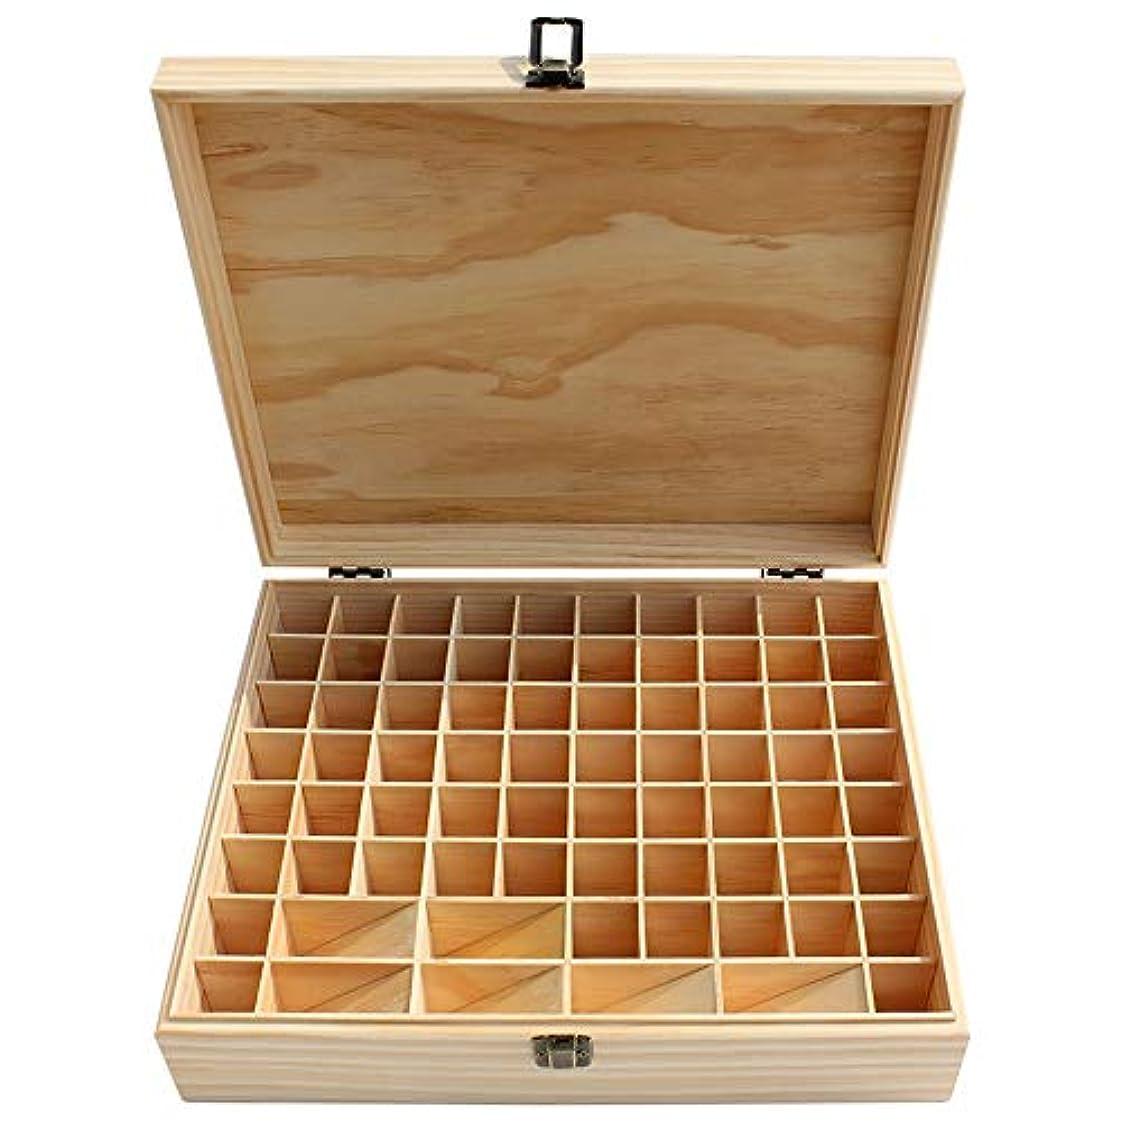 発動機裁判所としてエッセンシャルオイルの保管 大74スロット木製のエッセンシャルオイルストレージボックスナチュラルパインウッド (色 : Natural, サイズ : 34X27.5X9CM)